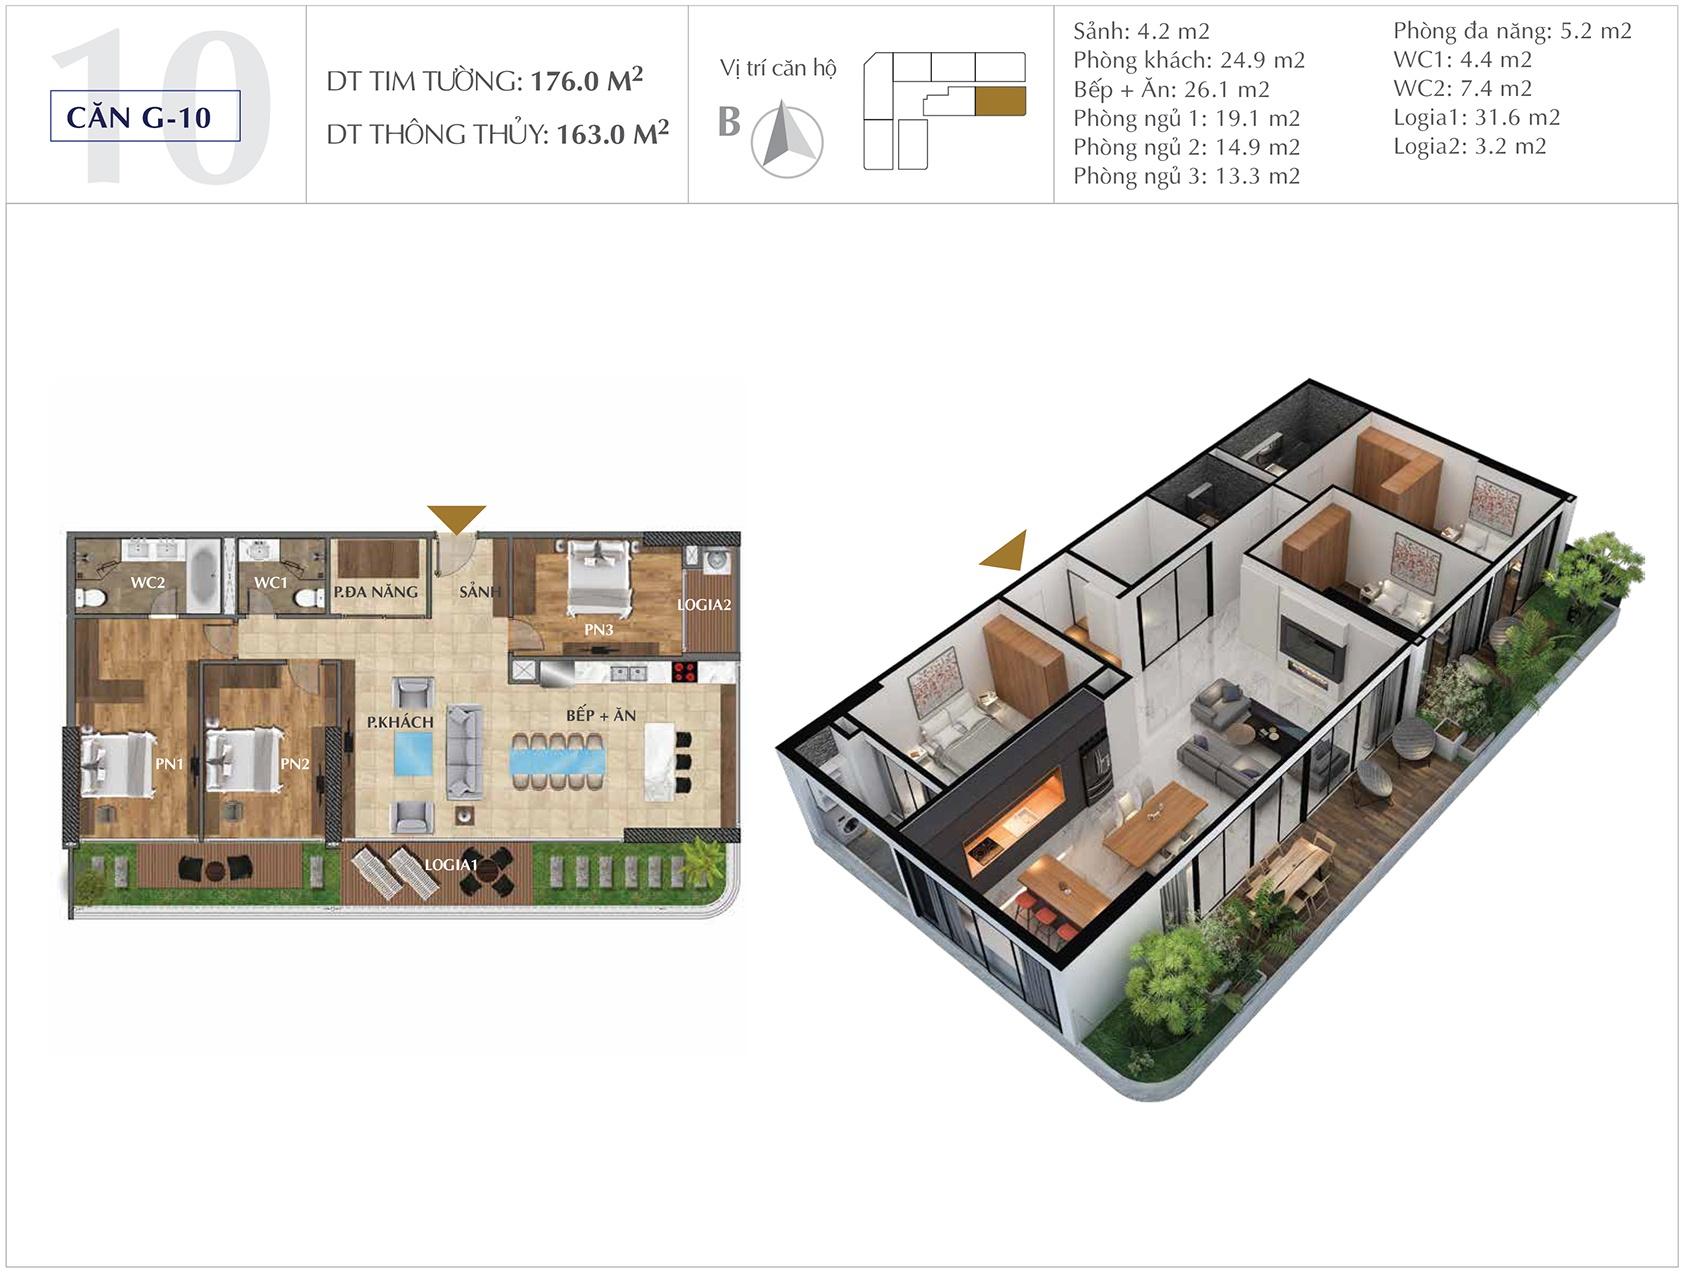 Thiết kế căn hộ G-10